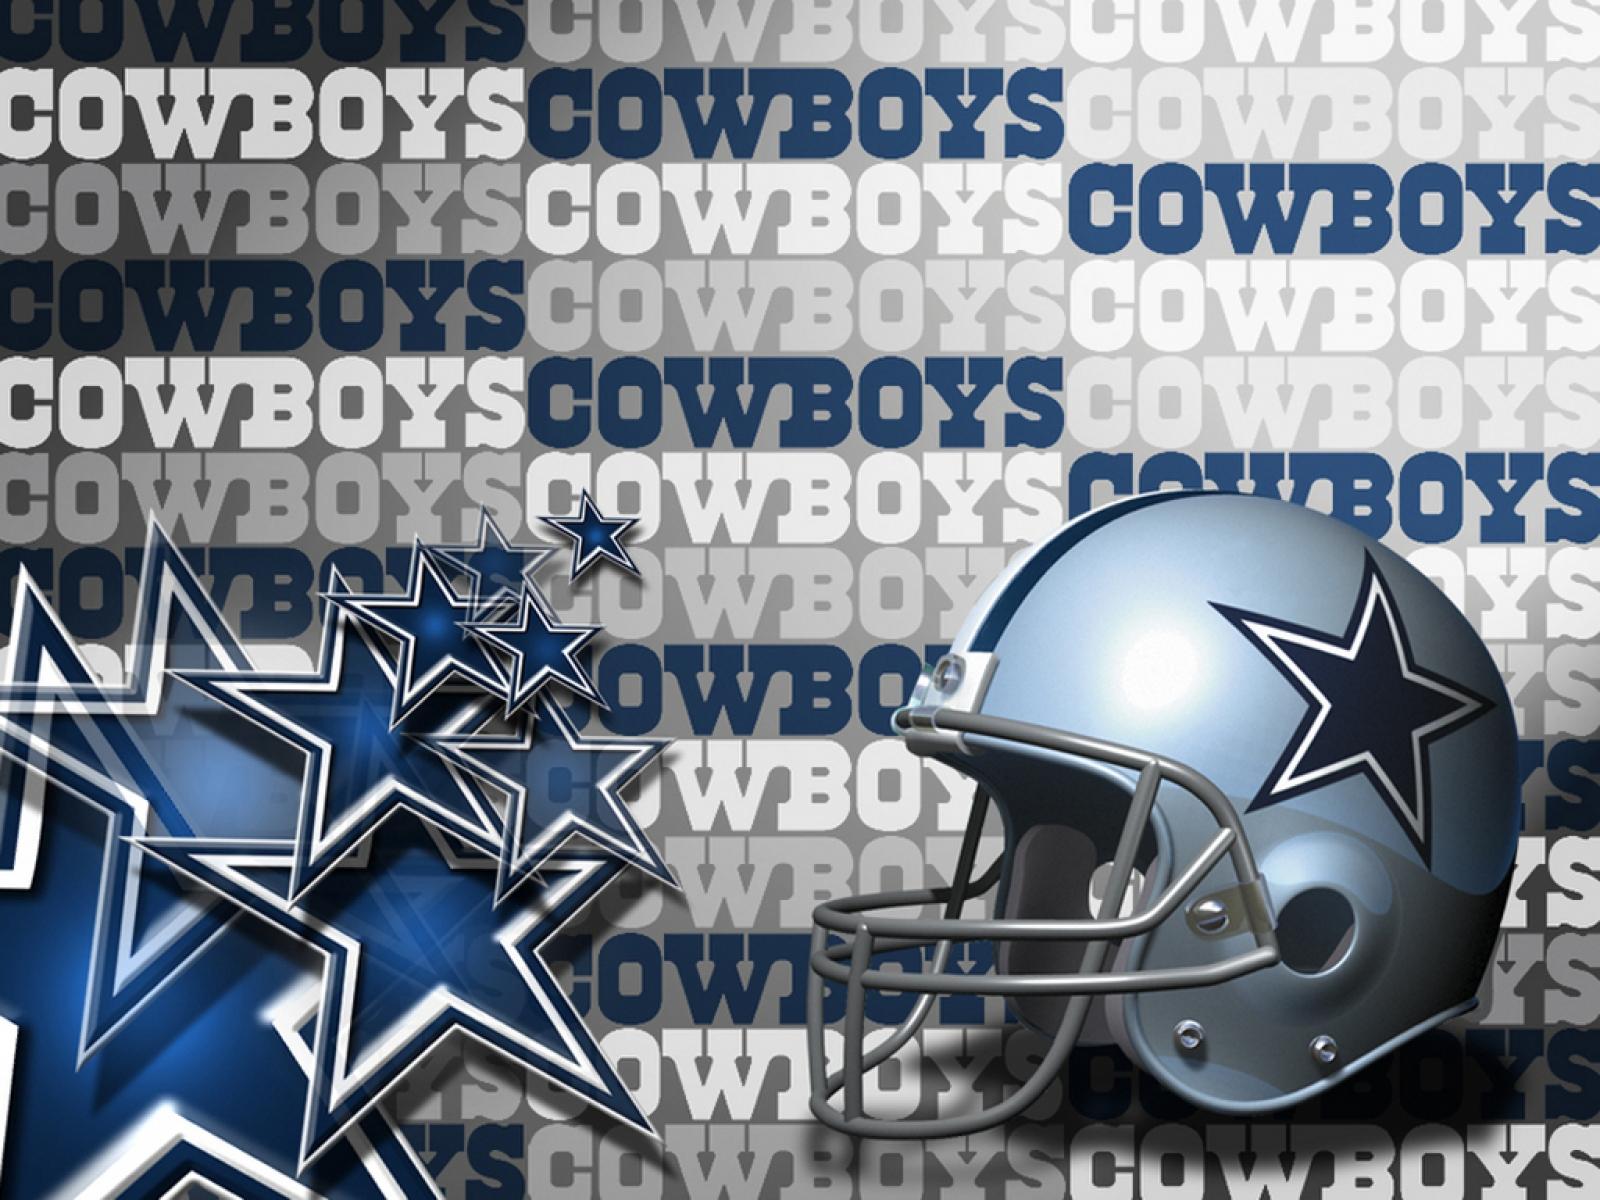 dallas cowboys hd wallpaper dallas cowboys hd wallpaper dallas cowboys 1600x1200